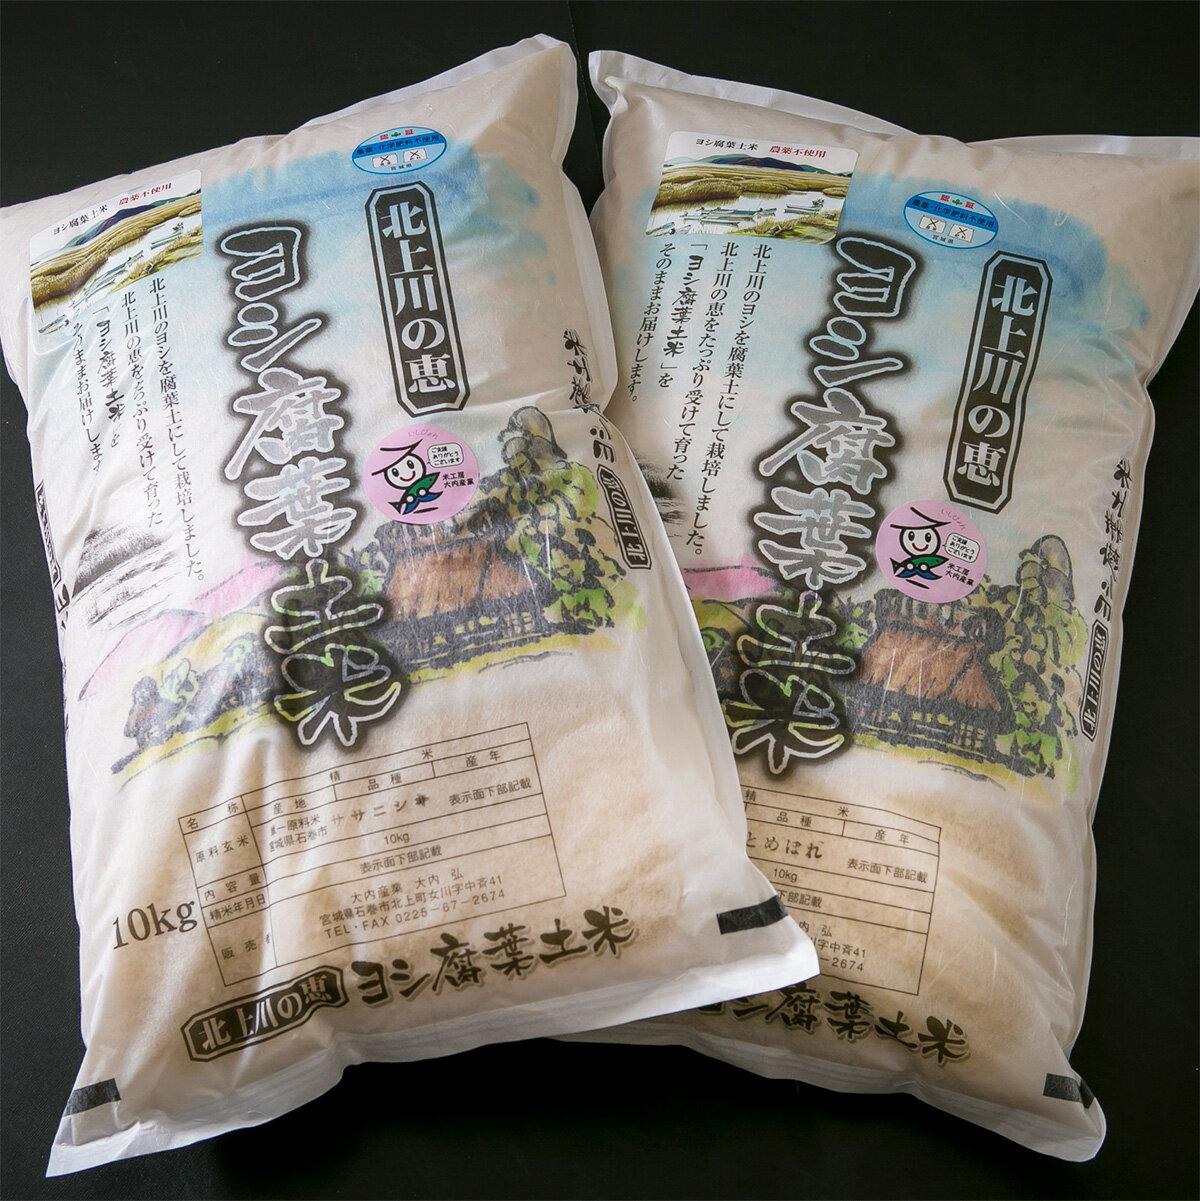 【ふるさと納税】節減対象農薬:栽培期間不使用 ヨシ腐葉土米 ササニシキ10kg、ひとめぼれ20kg 計30kg